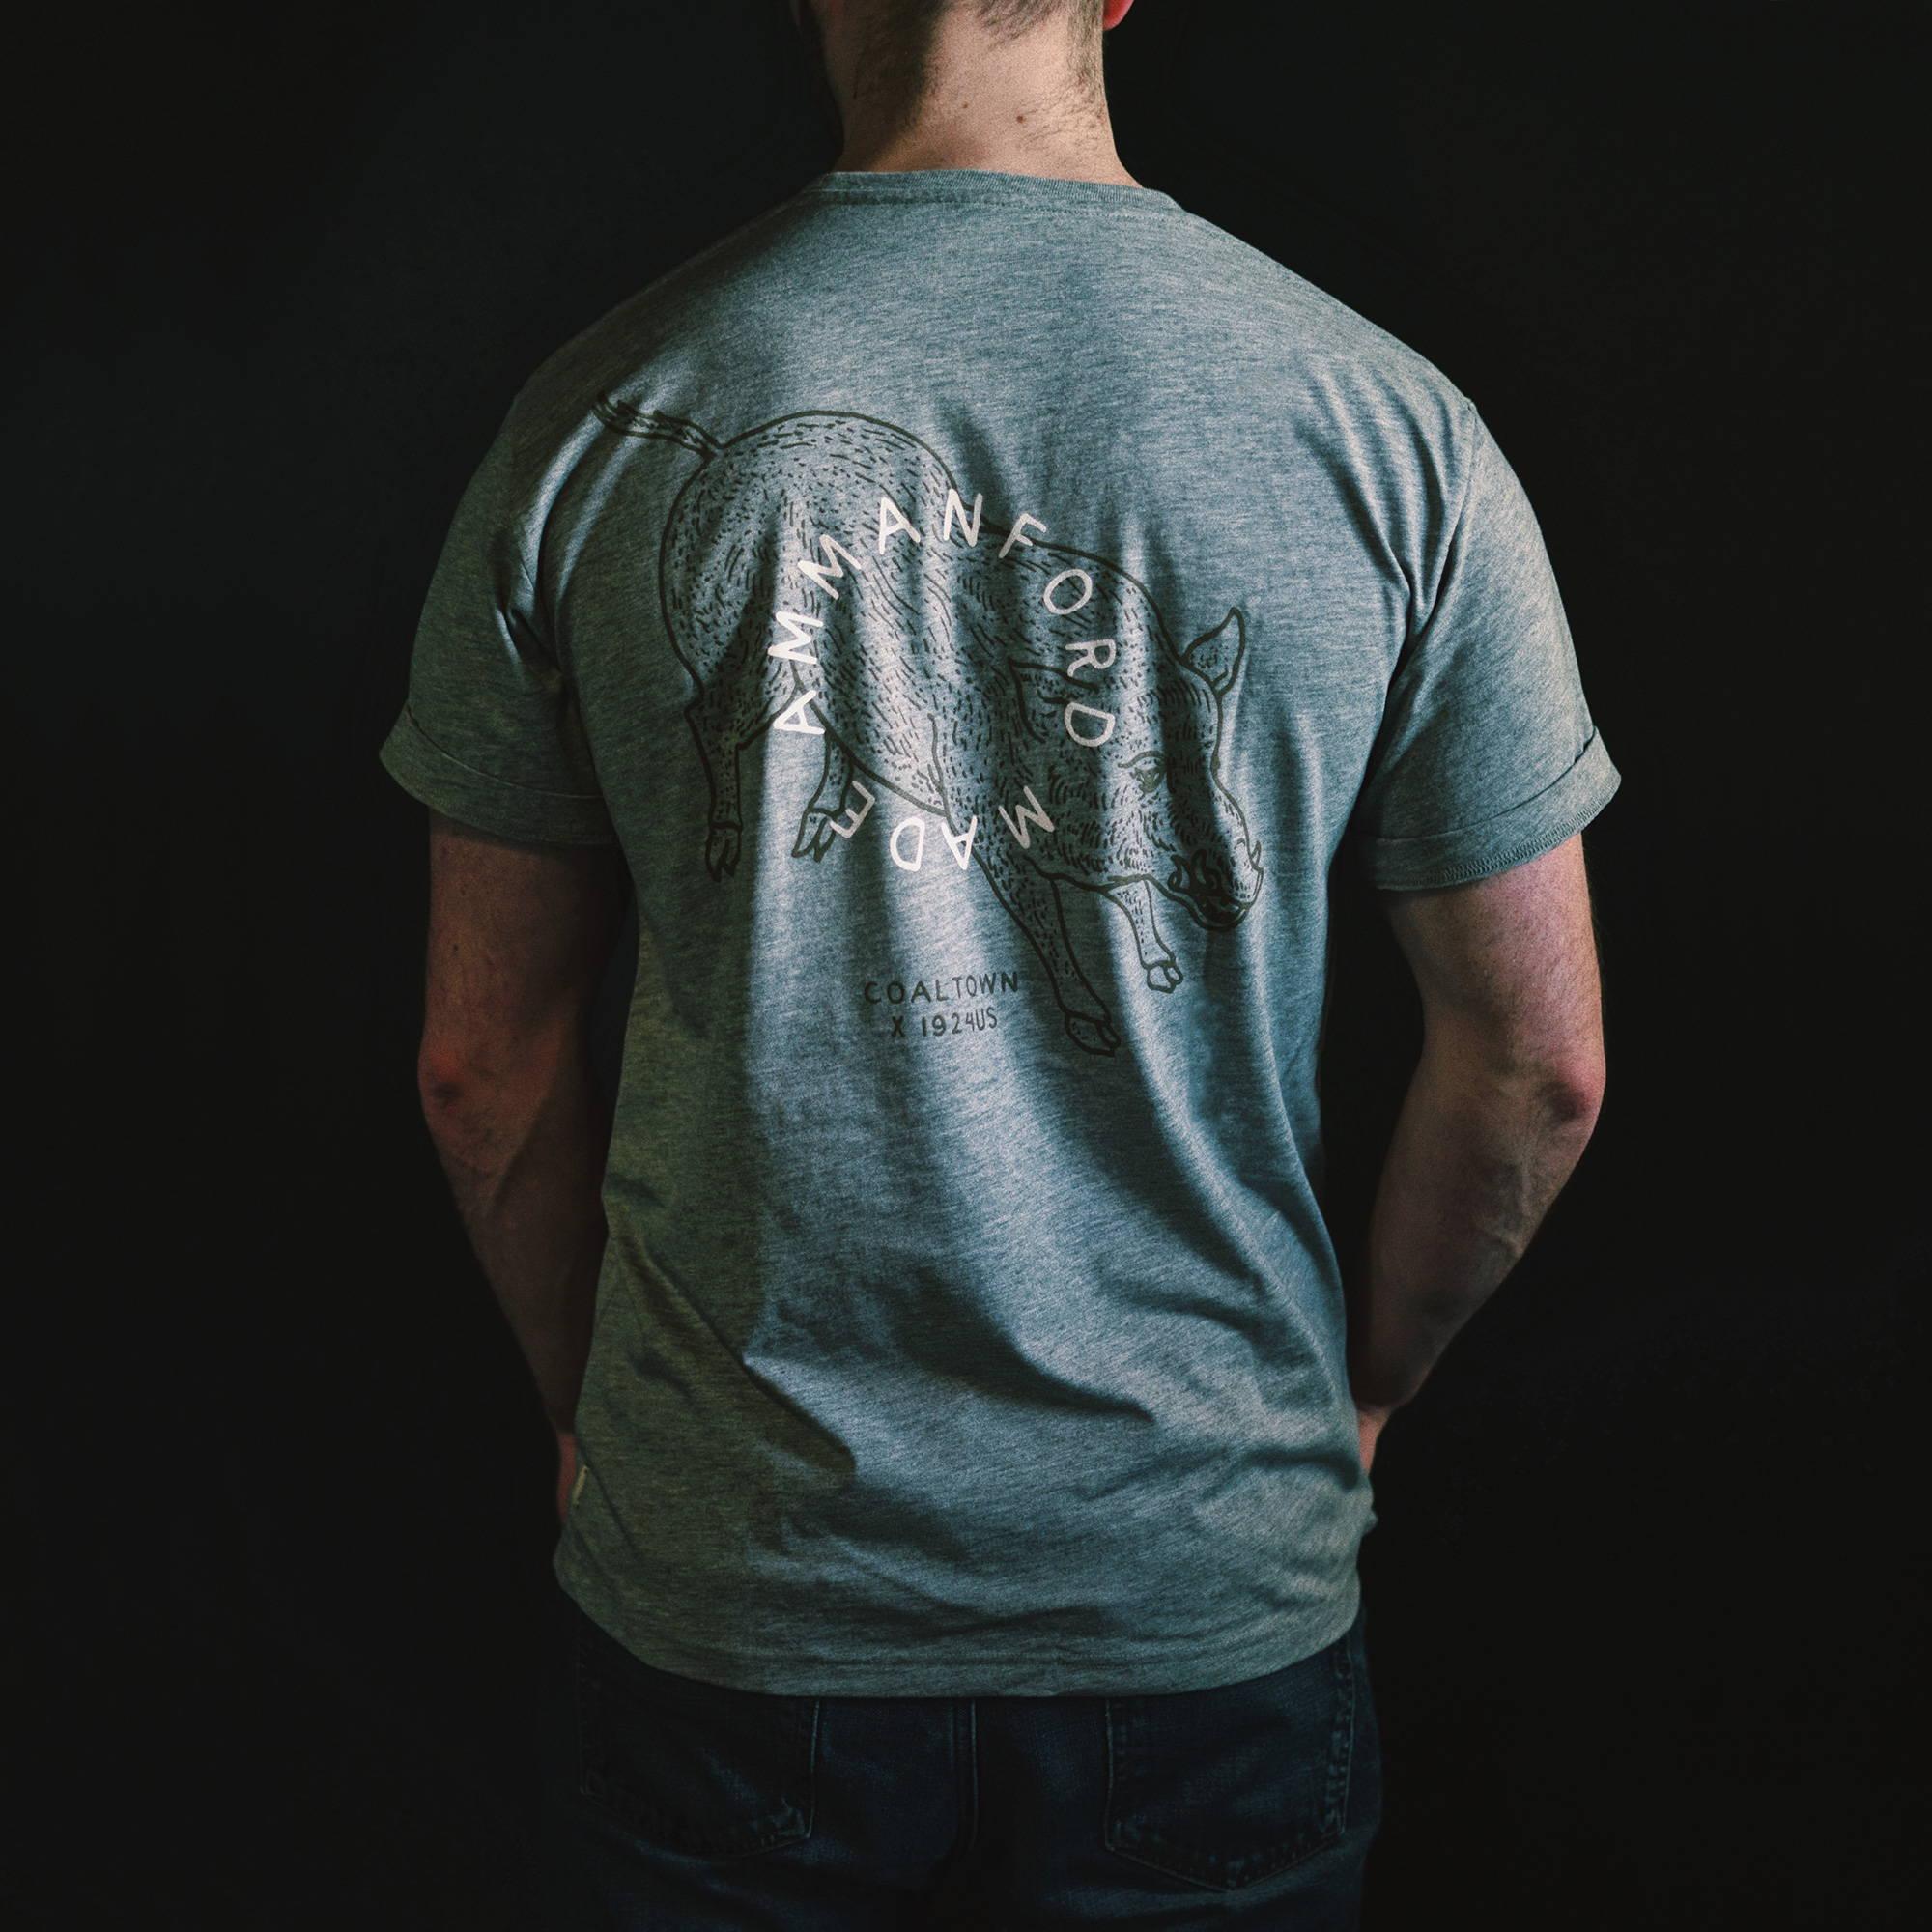 Coaltown Ammanford Made T-shirt Grey